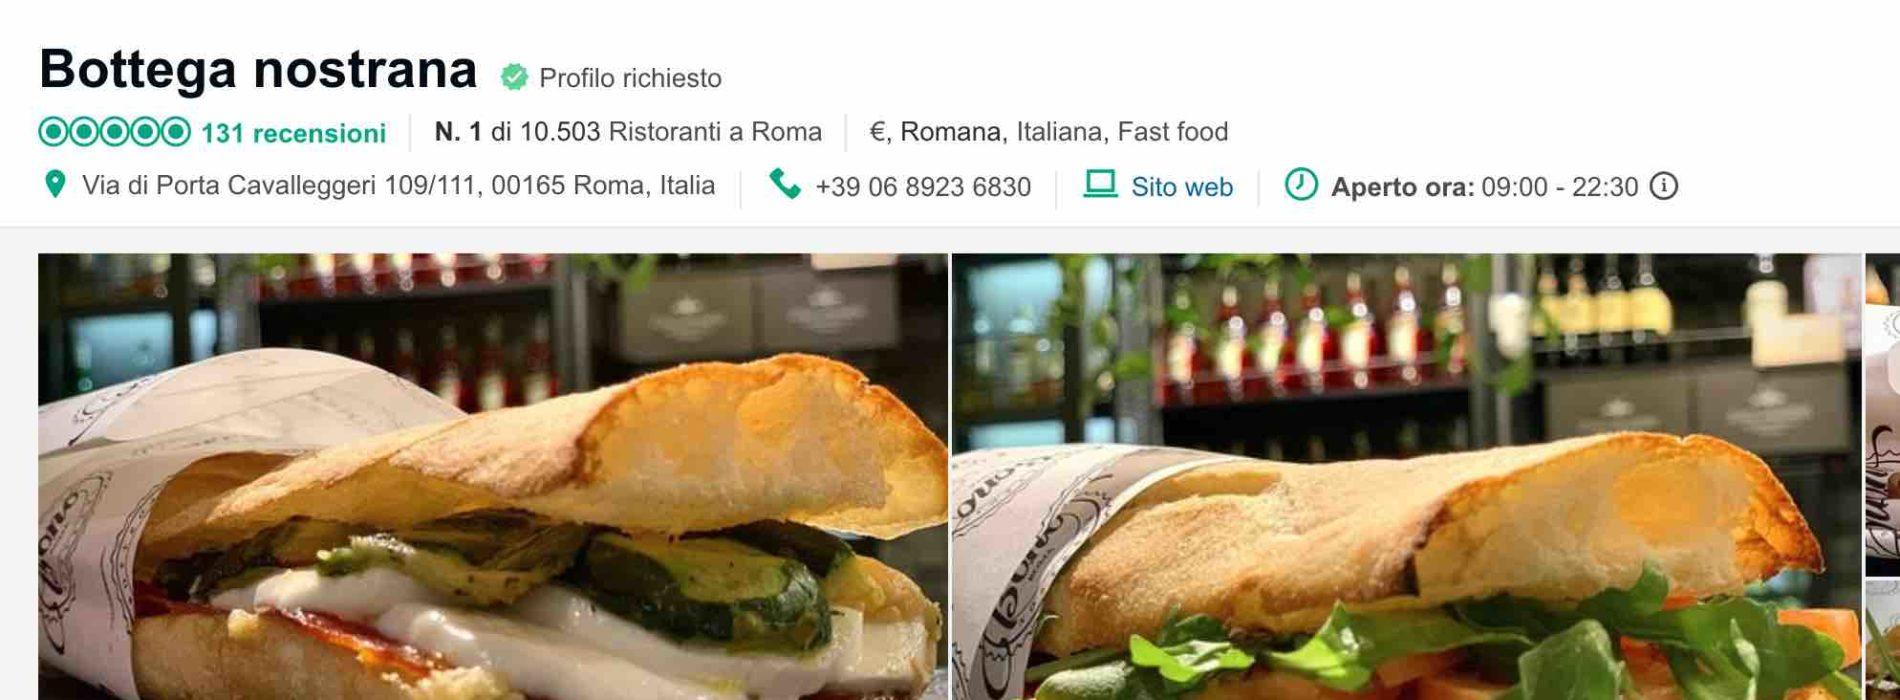 I migliori ristoranti di Roma e di Milano del 2019 secondo Tripadvisor (e perché non ci si può fidare)